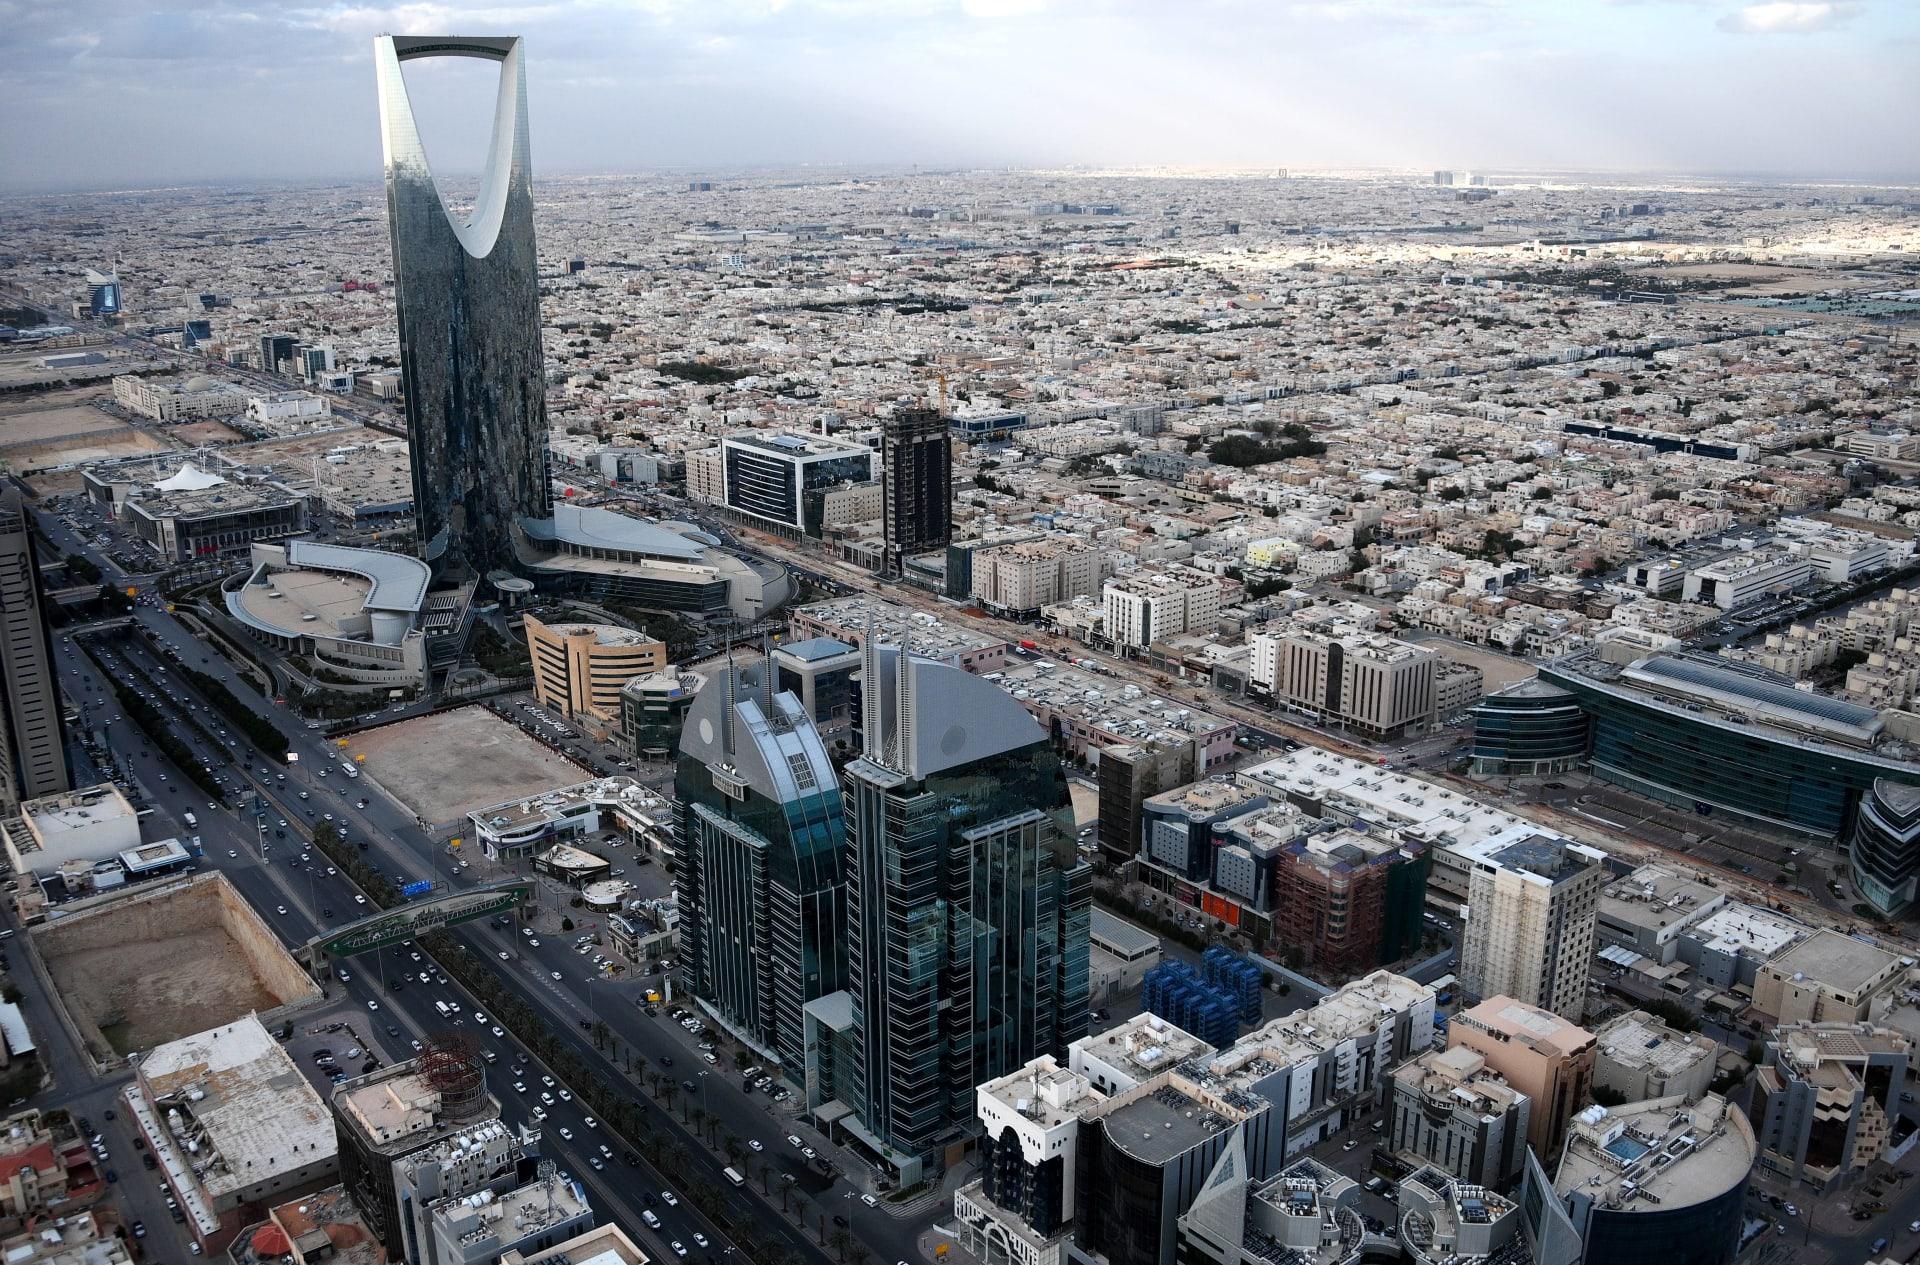 الرياض تعلن نتائج التحقيق في مقتل طفلة نهشتها الكلاب:المسؤوليات متعددة